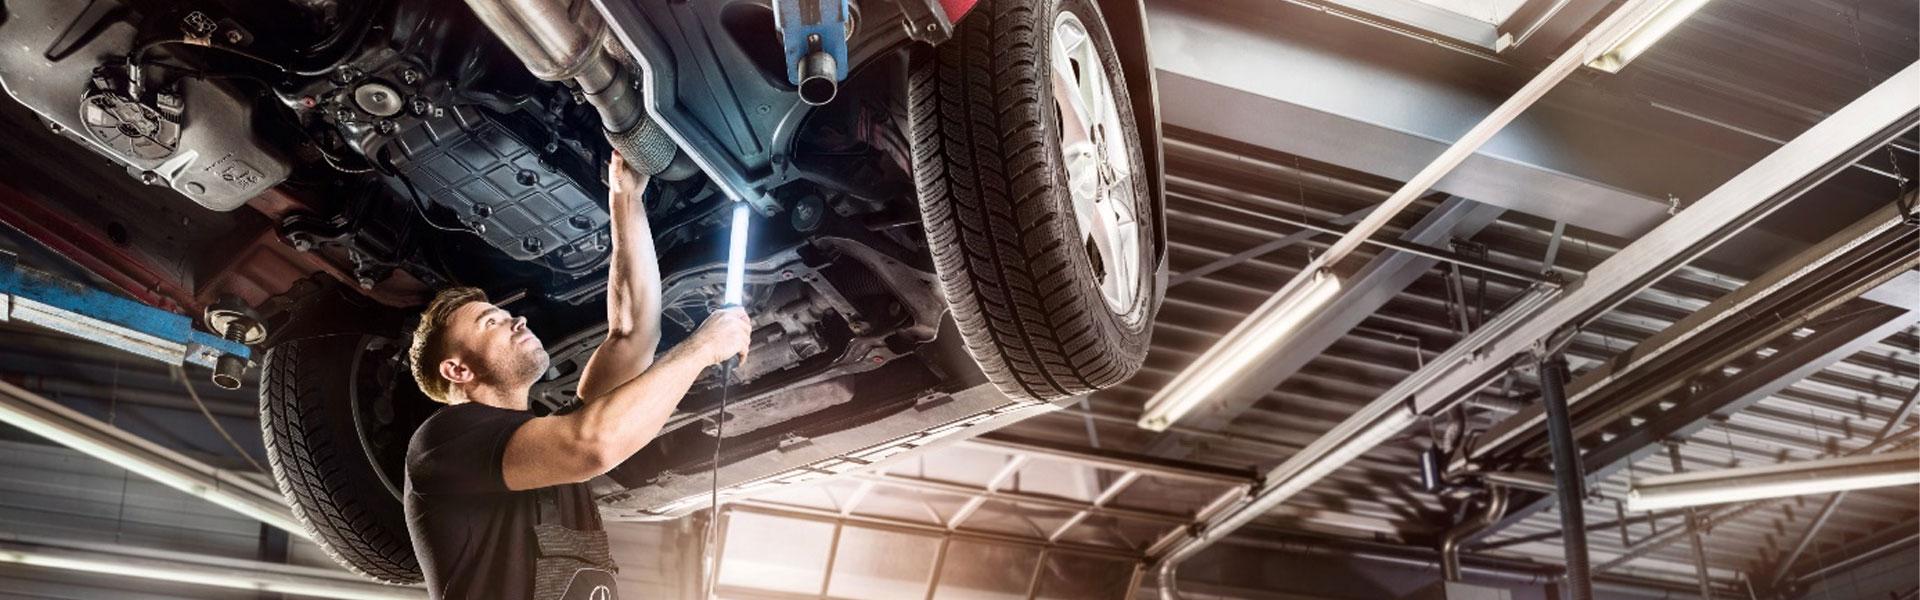 Mercedes-Benz-Brinkmann-Transporter-Garantie-&-Wartungspaket-Transporter-Header